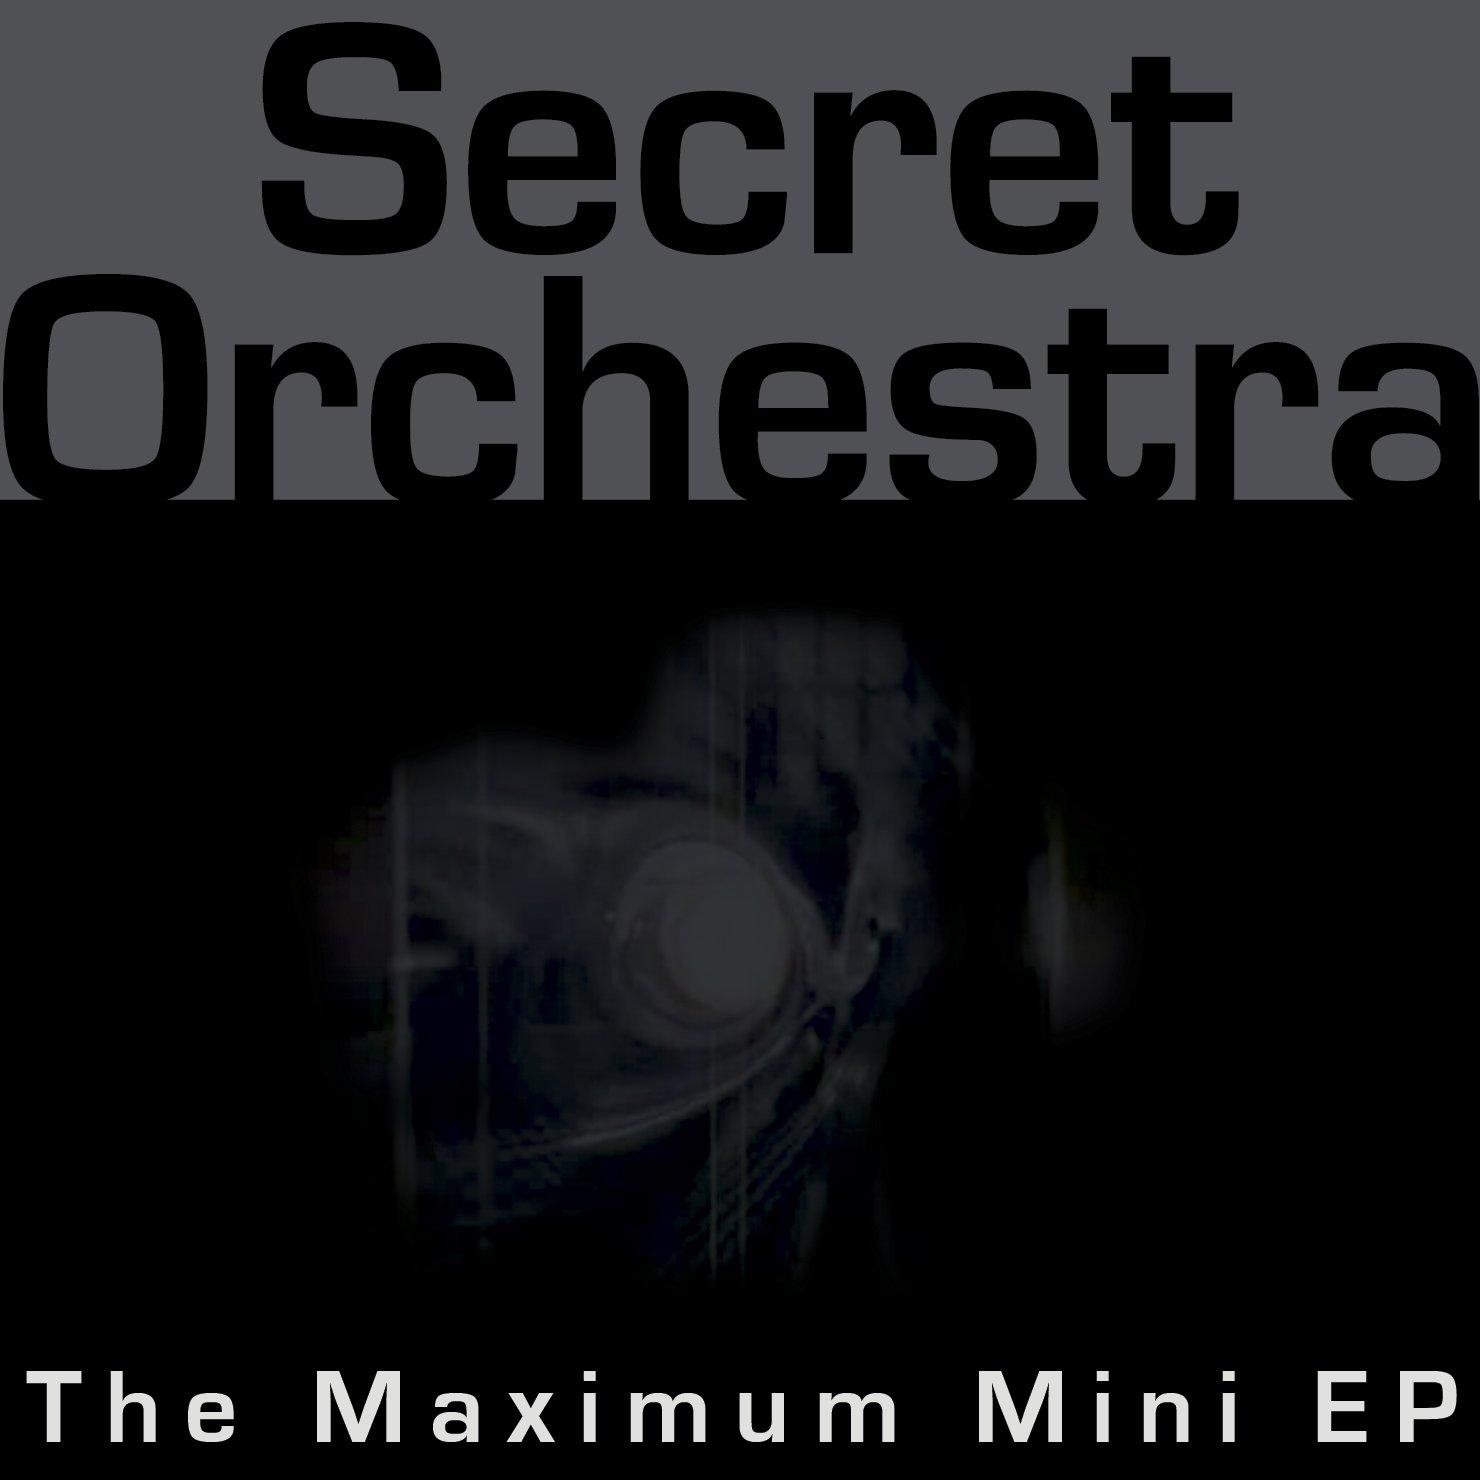 Save money Maximum Mini EP price